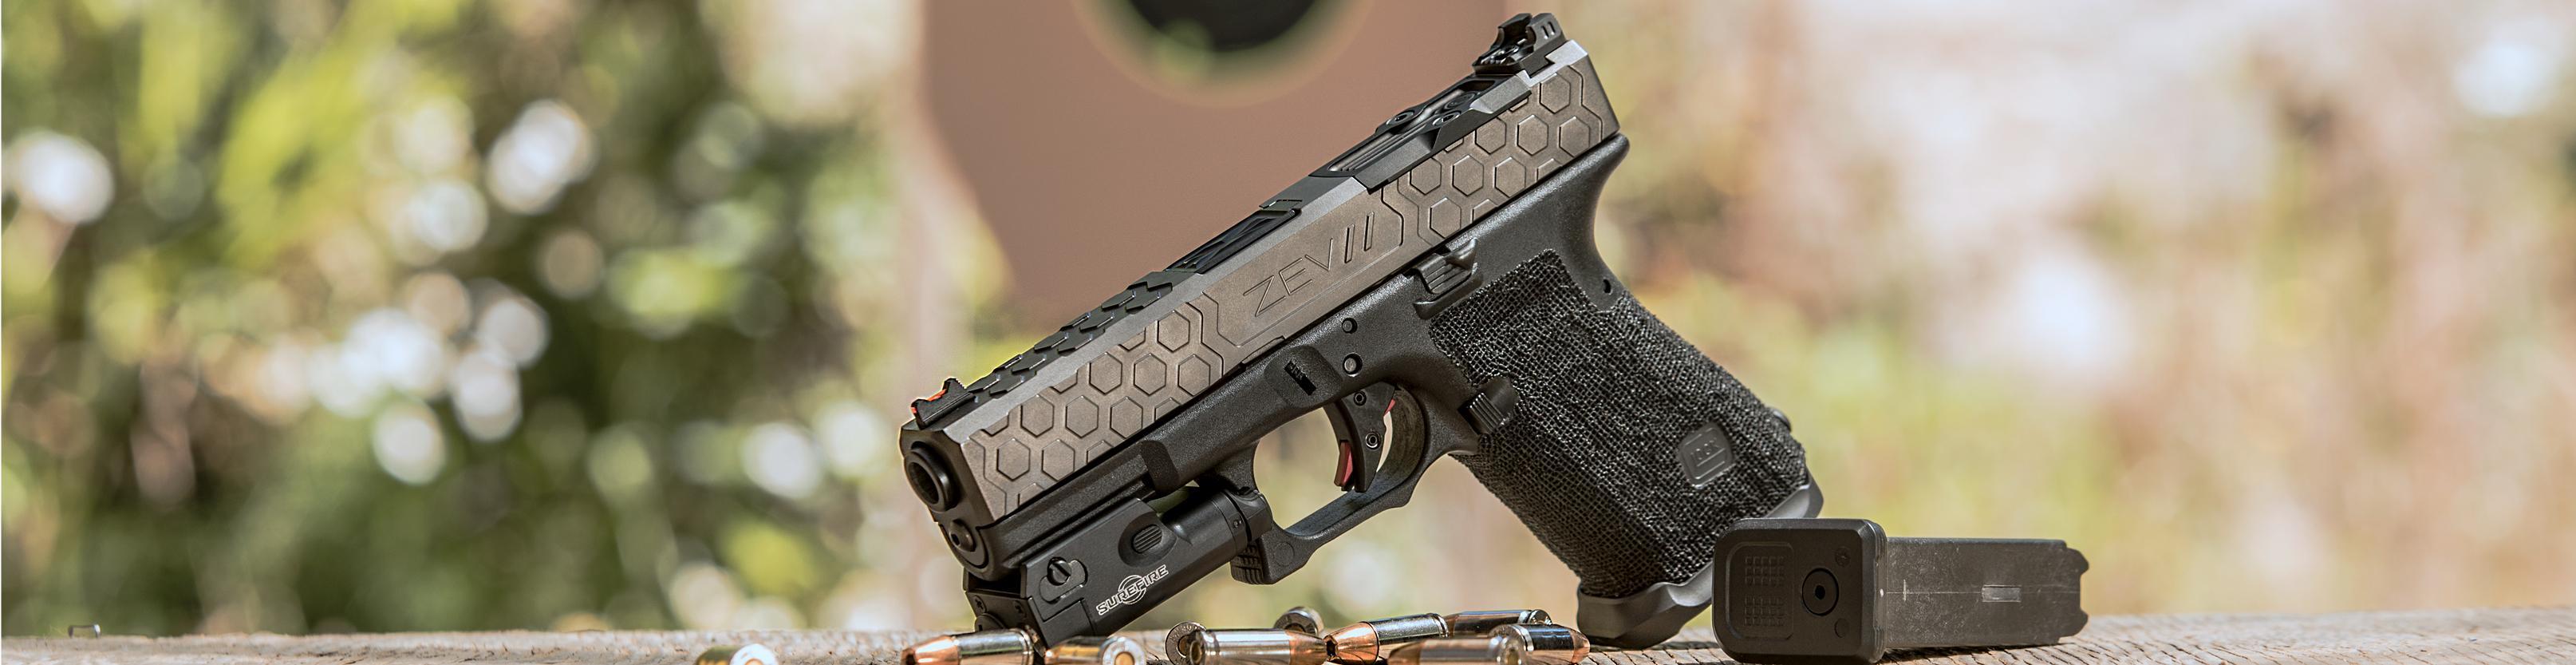 Glock Pistol Trigger, Barrel, Slide and Other Premium Upgrades